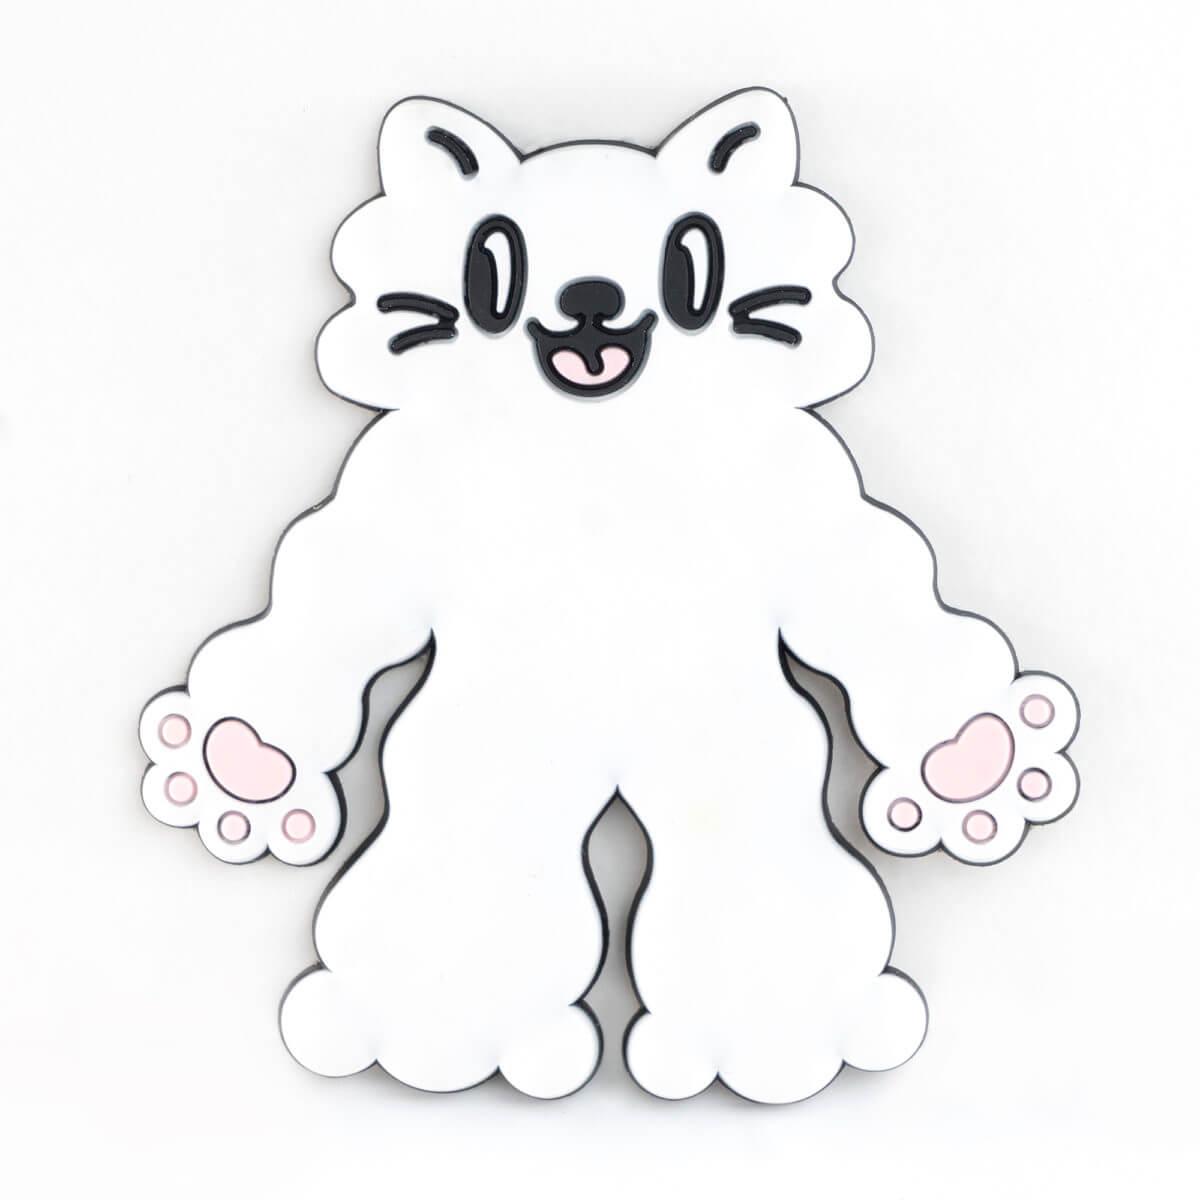 カプセルトイの猫型ラバーフック「PERAPERA CATS(ペラペラキャッツ)」もこもこ白猫デザインバージョン